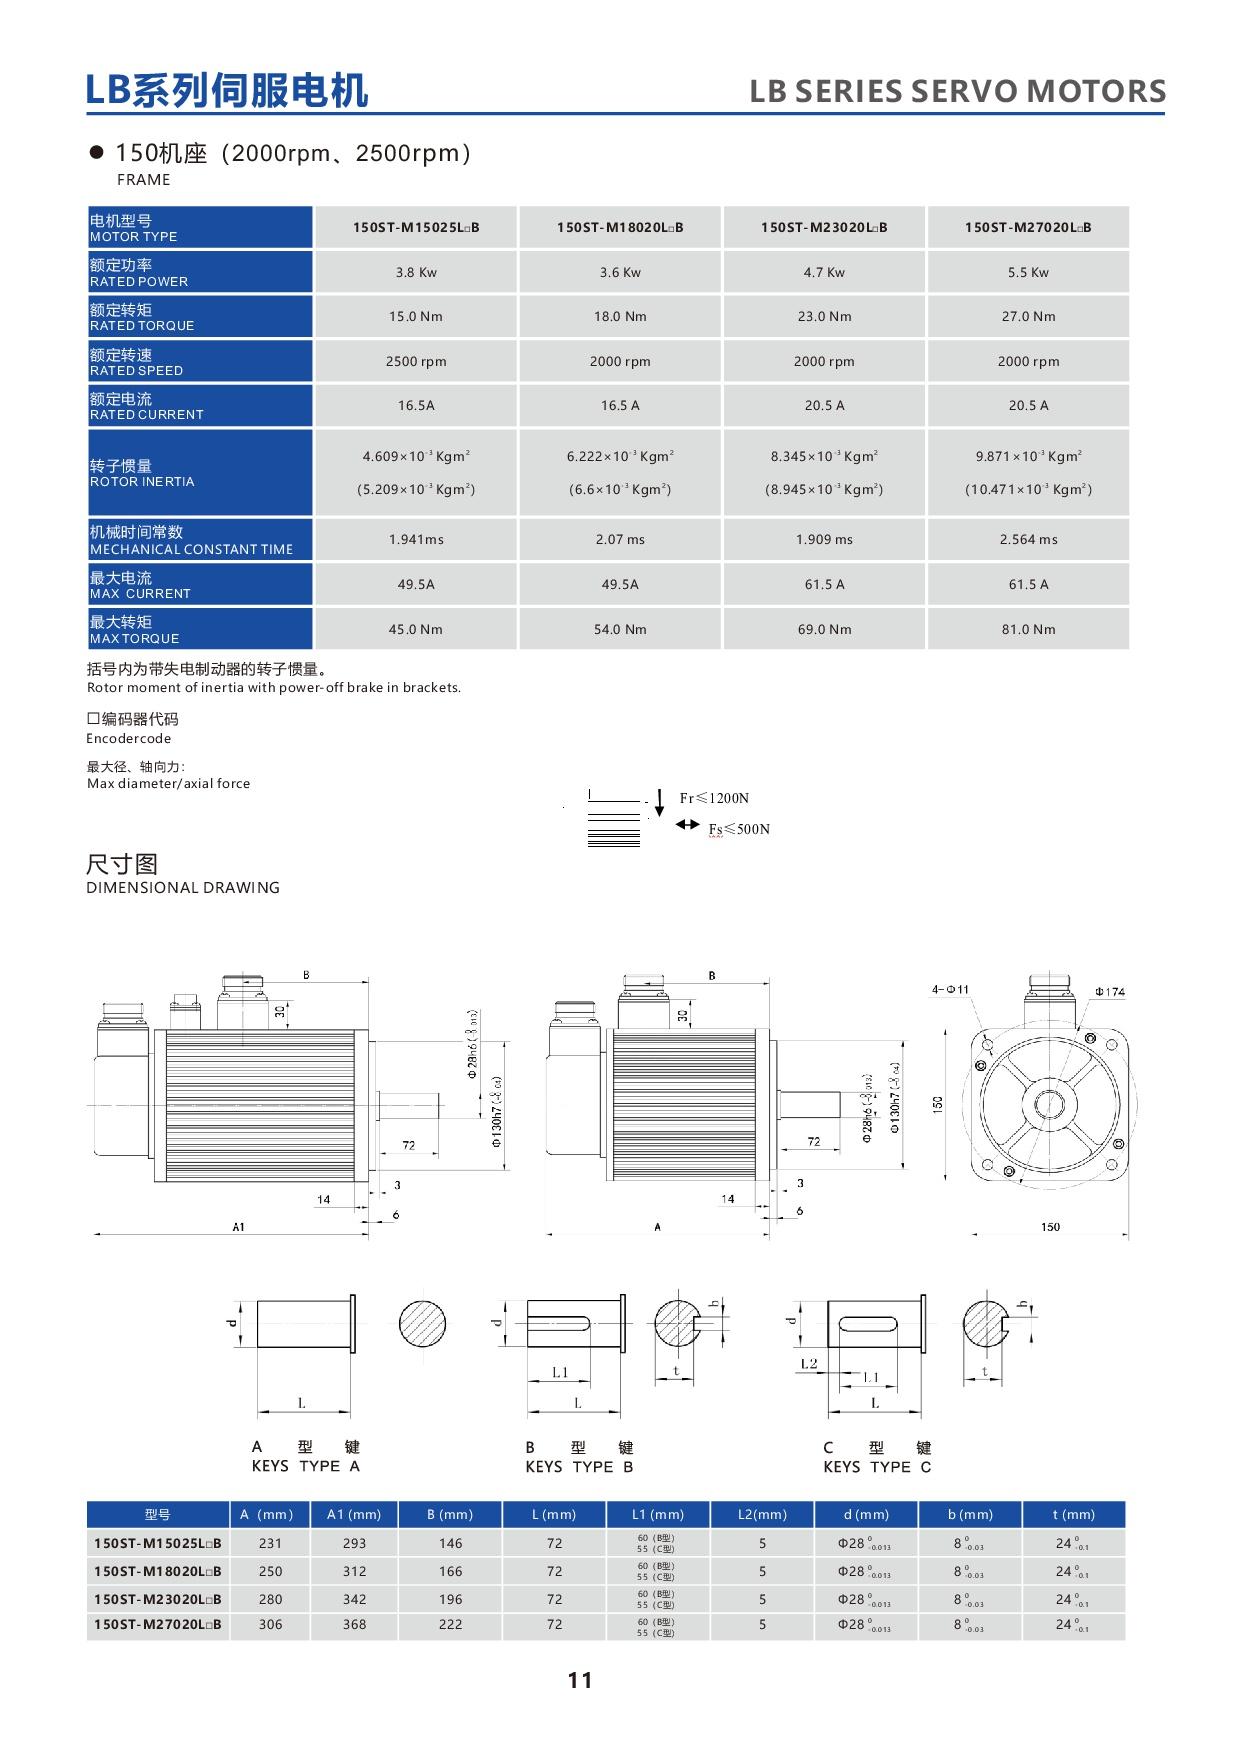 產品特性-9-LBseries150STservomotor